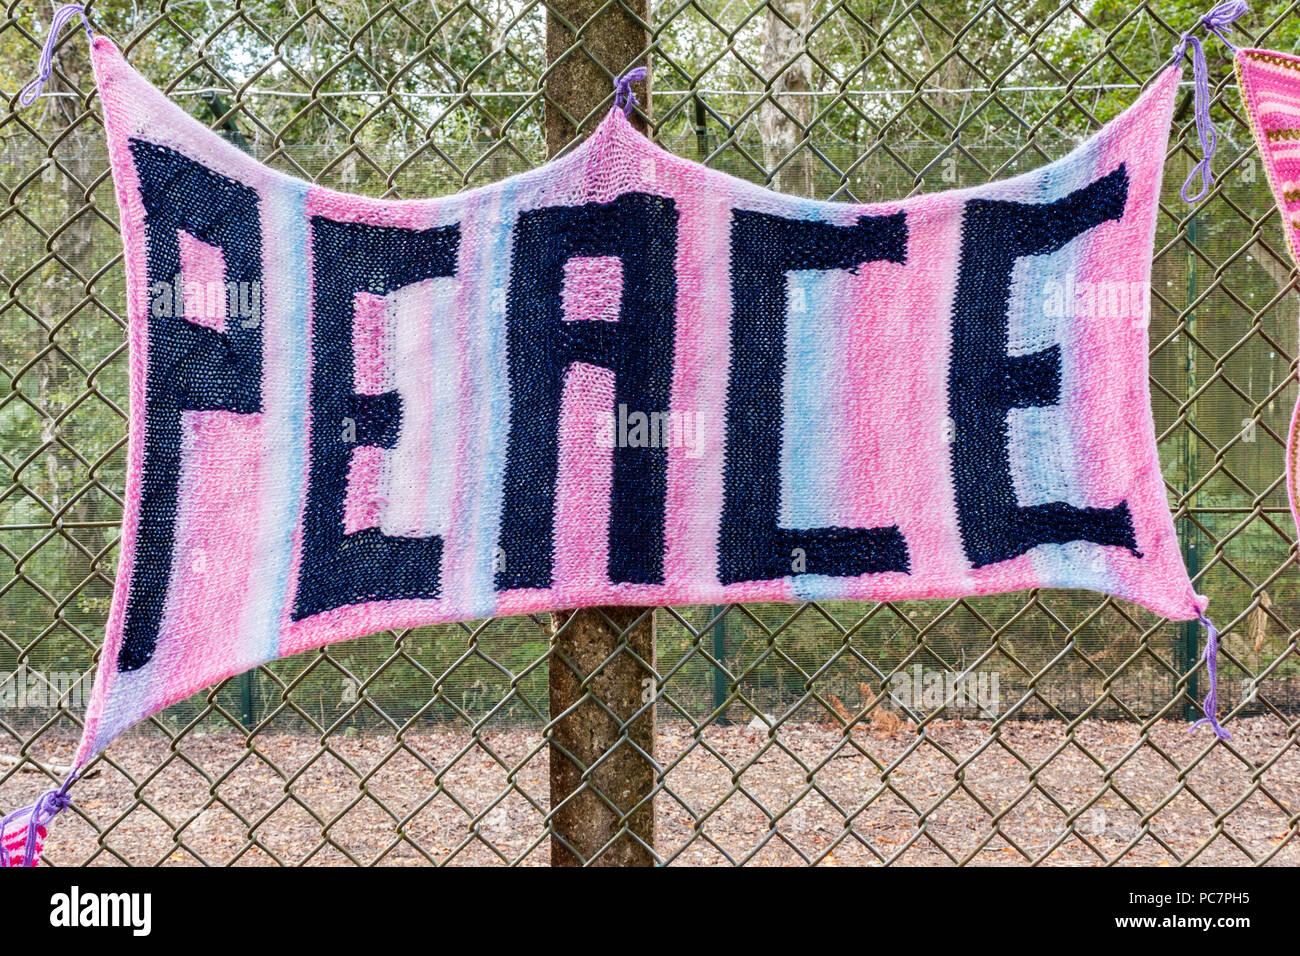 Sciarpa lavorata a maglia con la parola 'pace' su di essa legata a un recinto sul perimetro delle armi atomiche stabilimento a Aldermaston, Berkshire, Inghilterra, GB. Immagini Stock